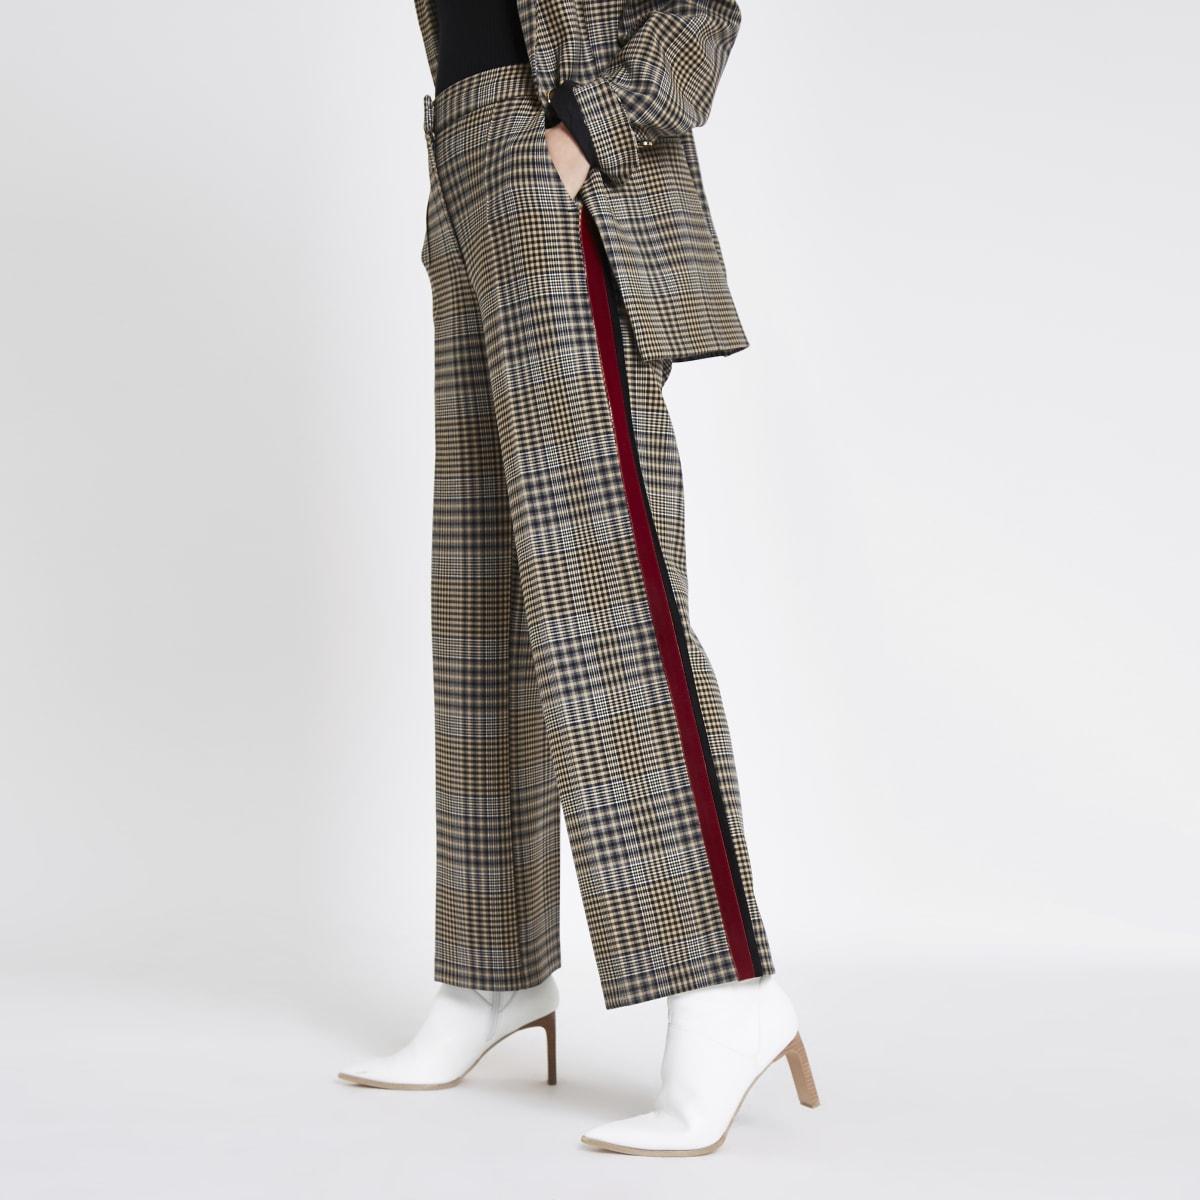 Bruine broek met streep opzij en rechte pijpen